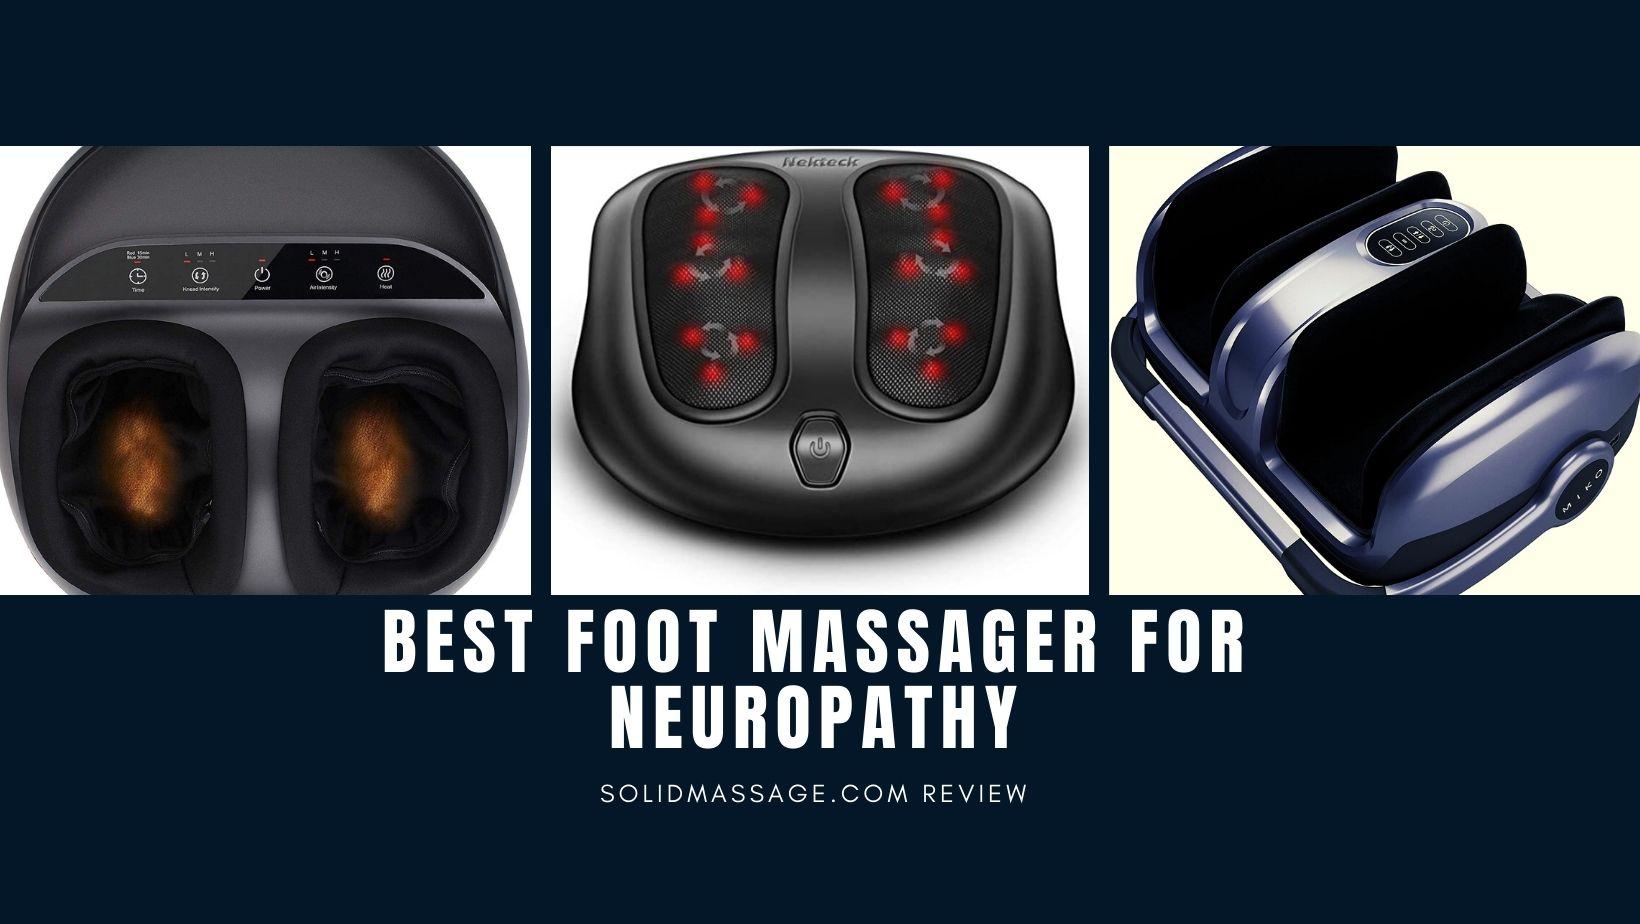 Best Foot Massager For Neuropathy